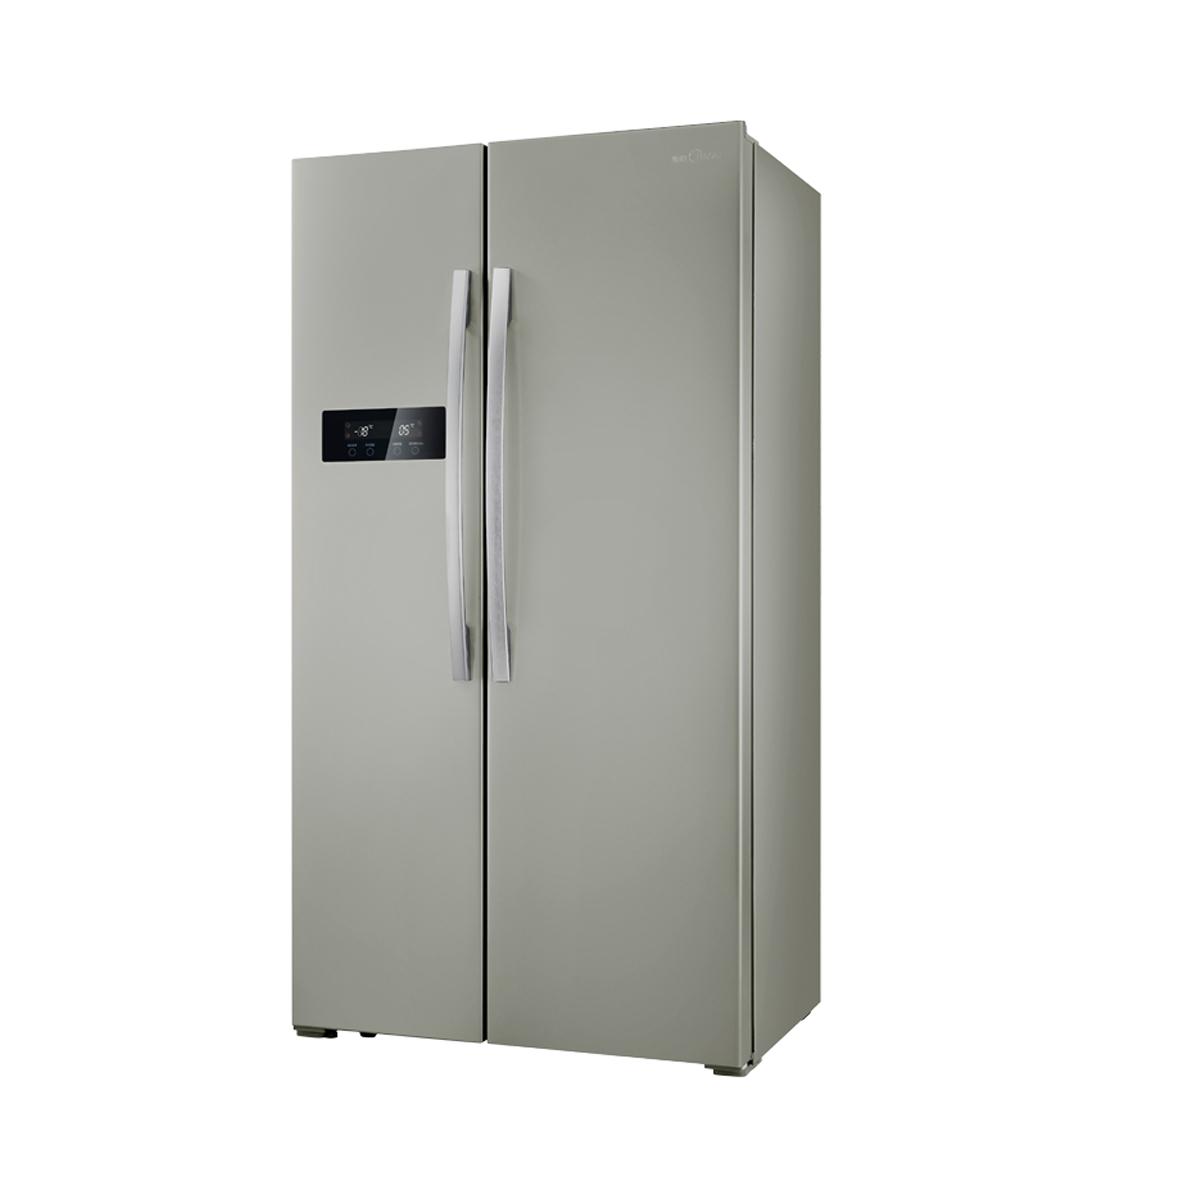 【美的md冰箱bcd-516wkm(e)泰坦银】美的冰箱,md冰箱